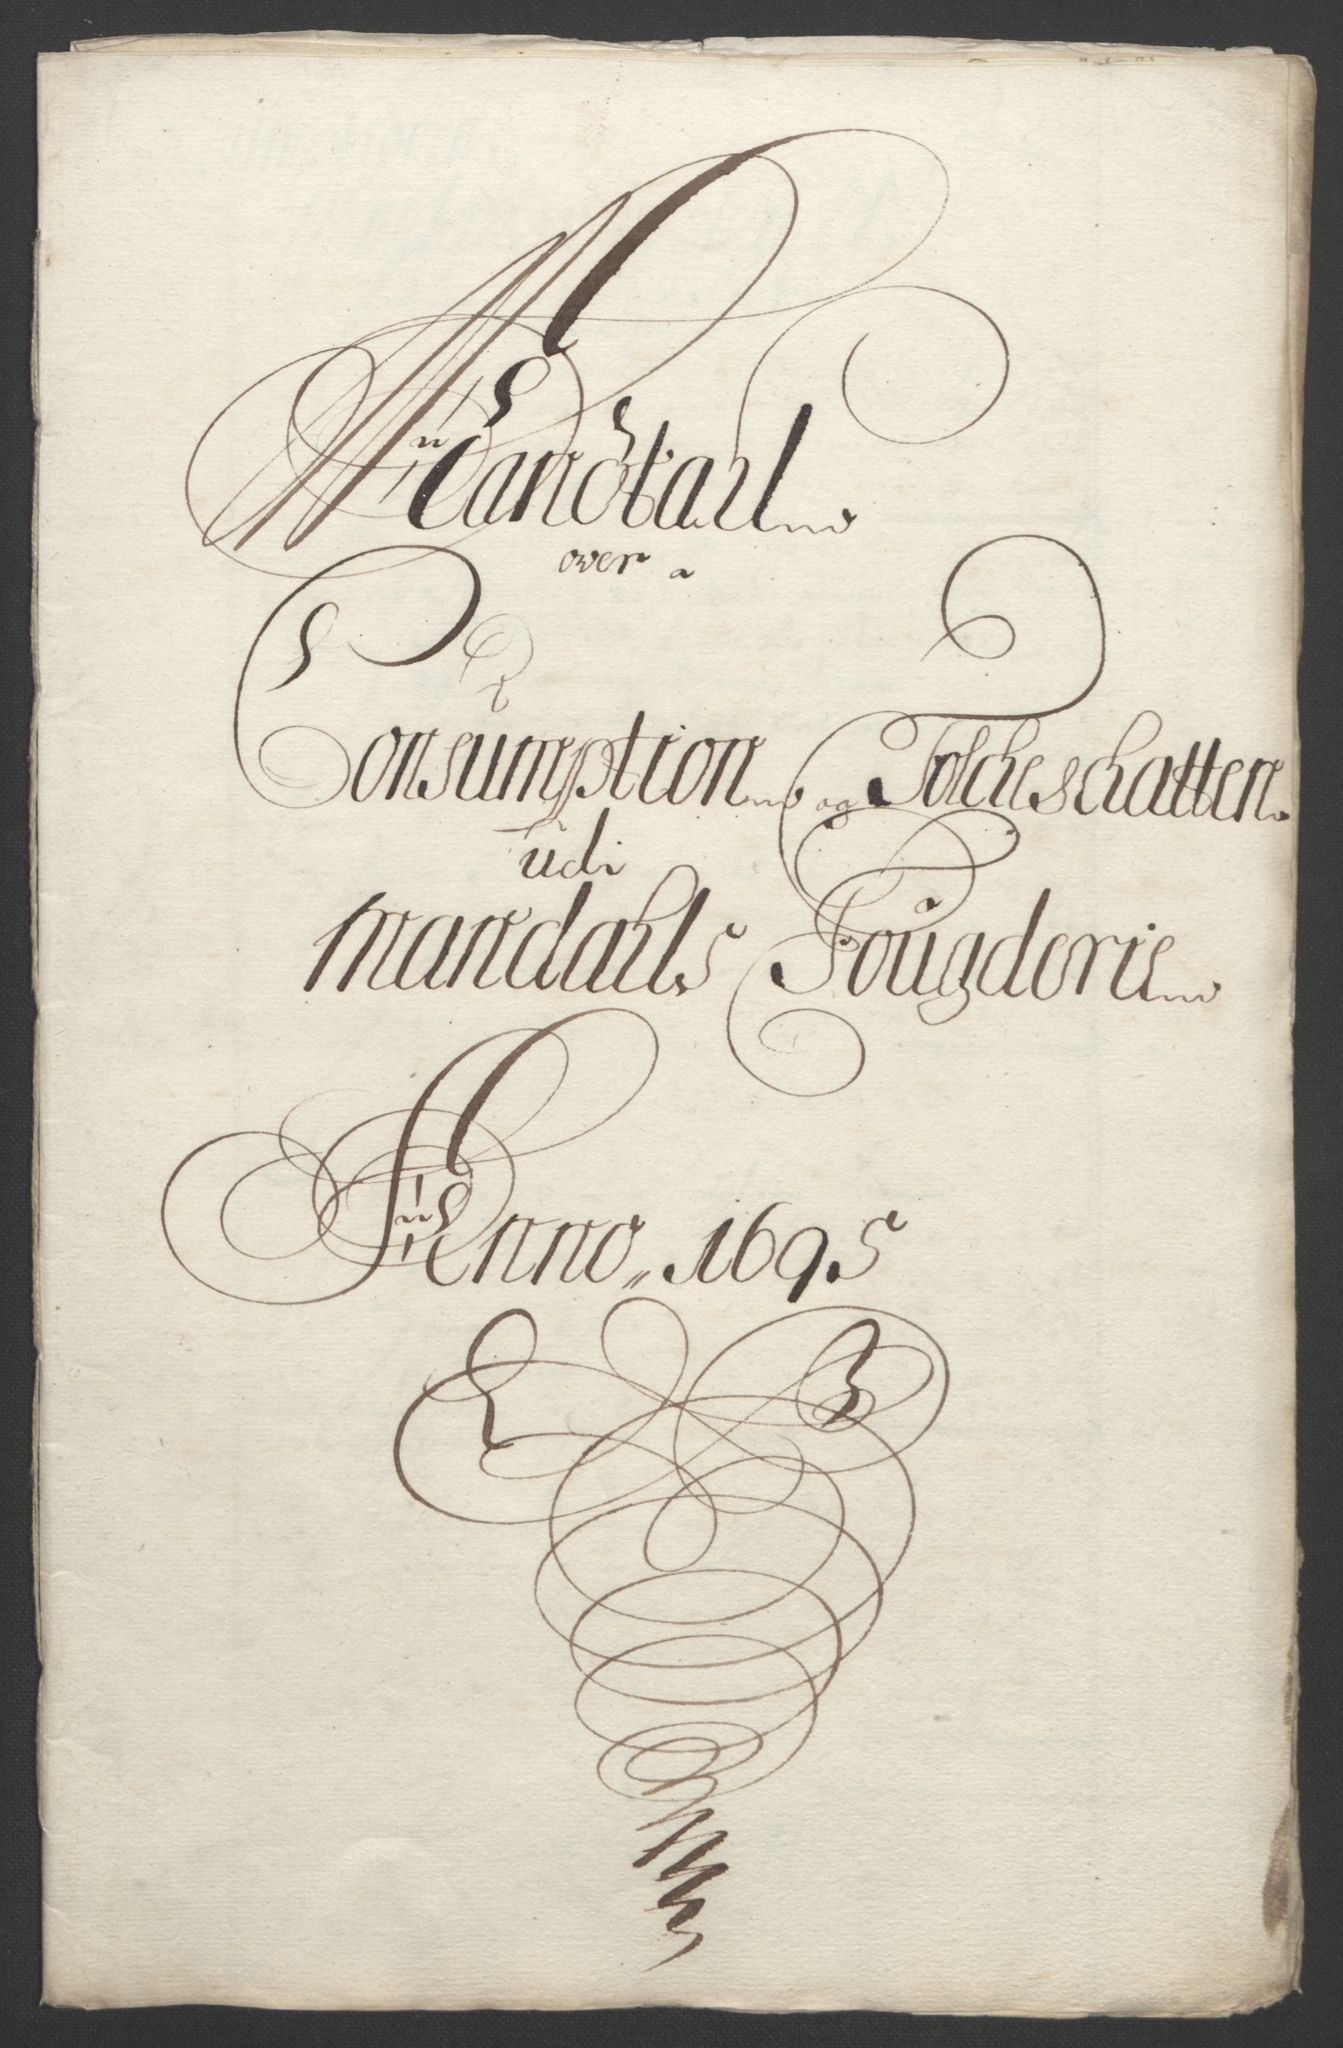 RA, Rentekammeret inntil 1814, Reviderte regnskaper, Fogderegnskap, R43/L2545: Fogderegnskap Lista og Mandal, 1694-1695, s. 260